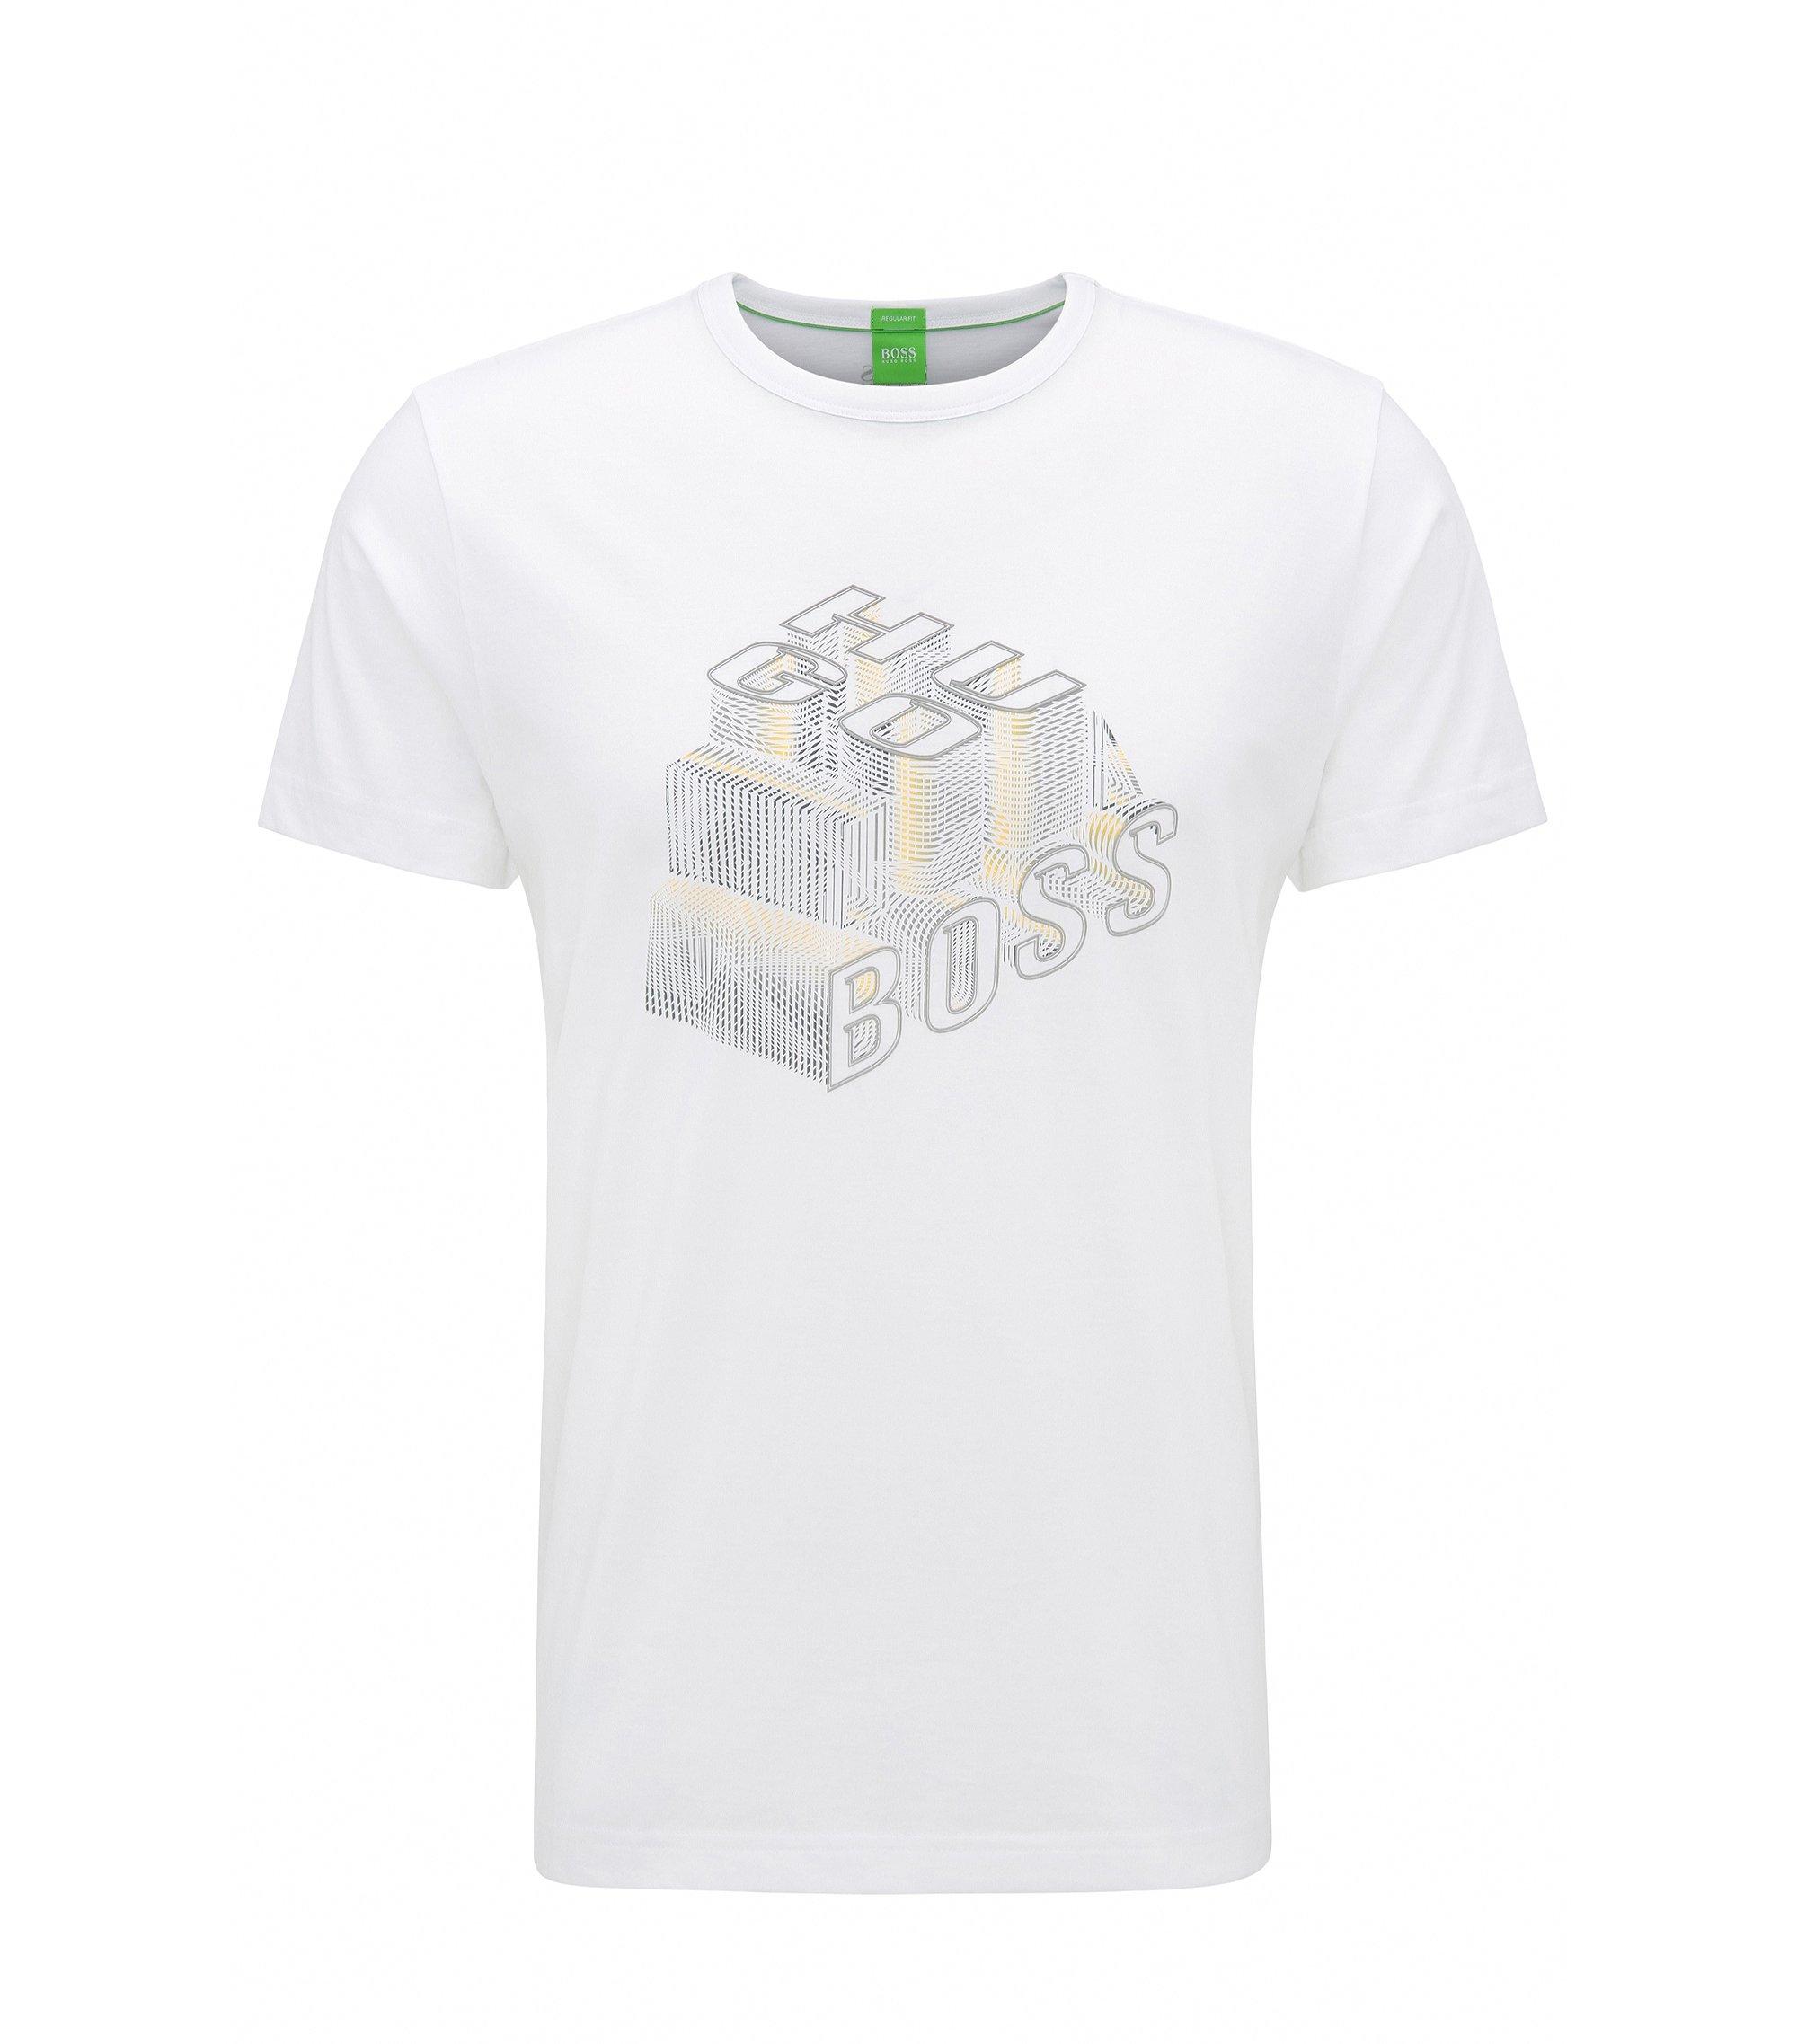 Regular-Fit T-Shirt aus Baumwolle mit Print in 3D-Optik, Weiß